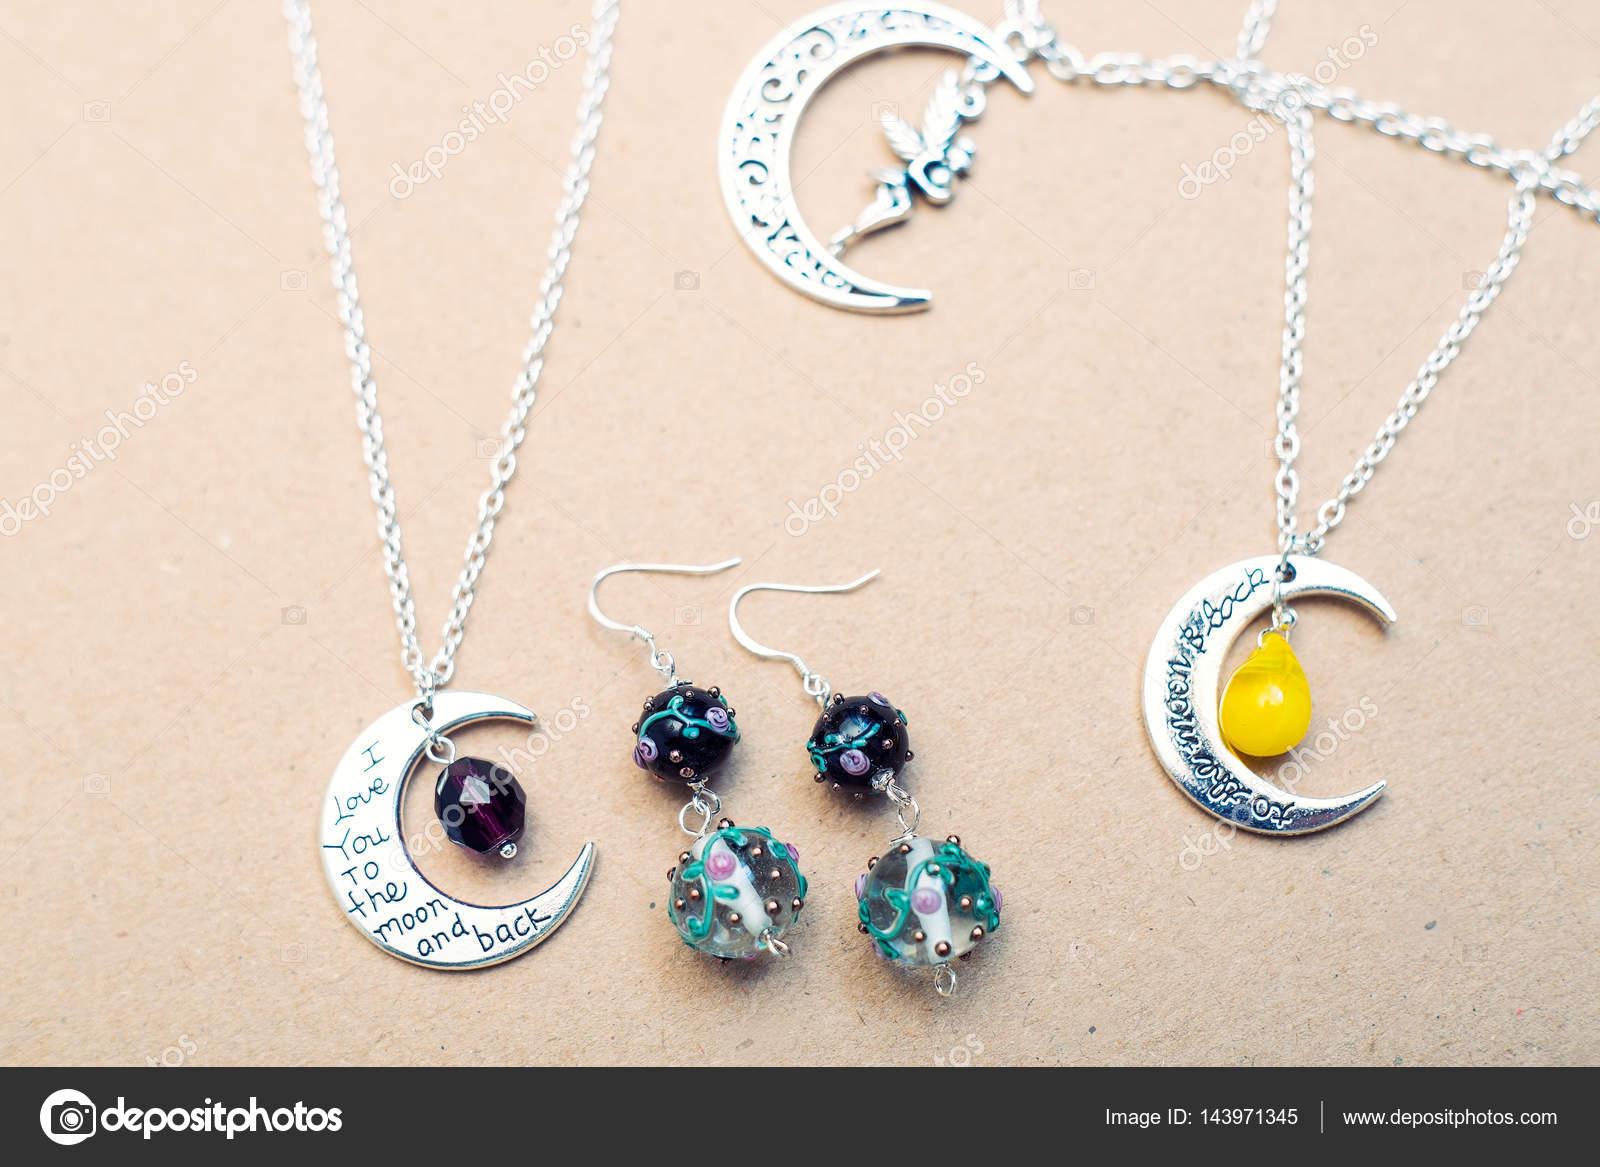 85c185b9b302 Los símbolos del cielo y la naturaleza. Granos de cristal y pendientes de  cristal - imágenes  aretes de plata con nombre — Foto de ...